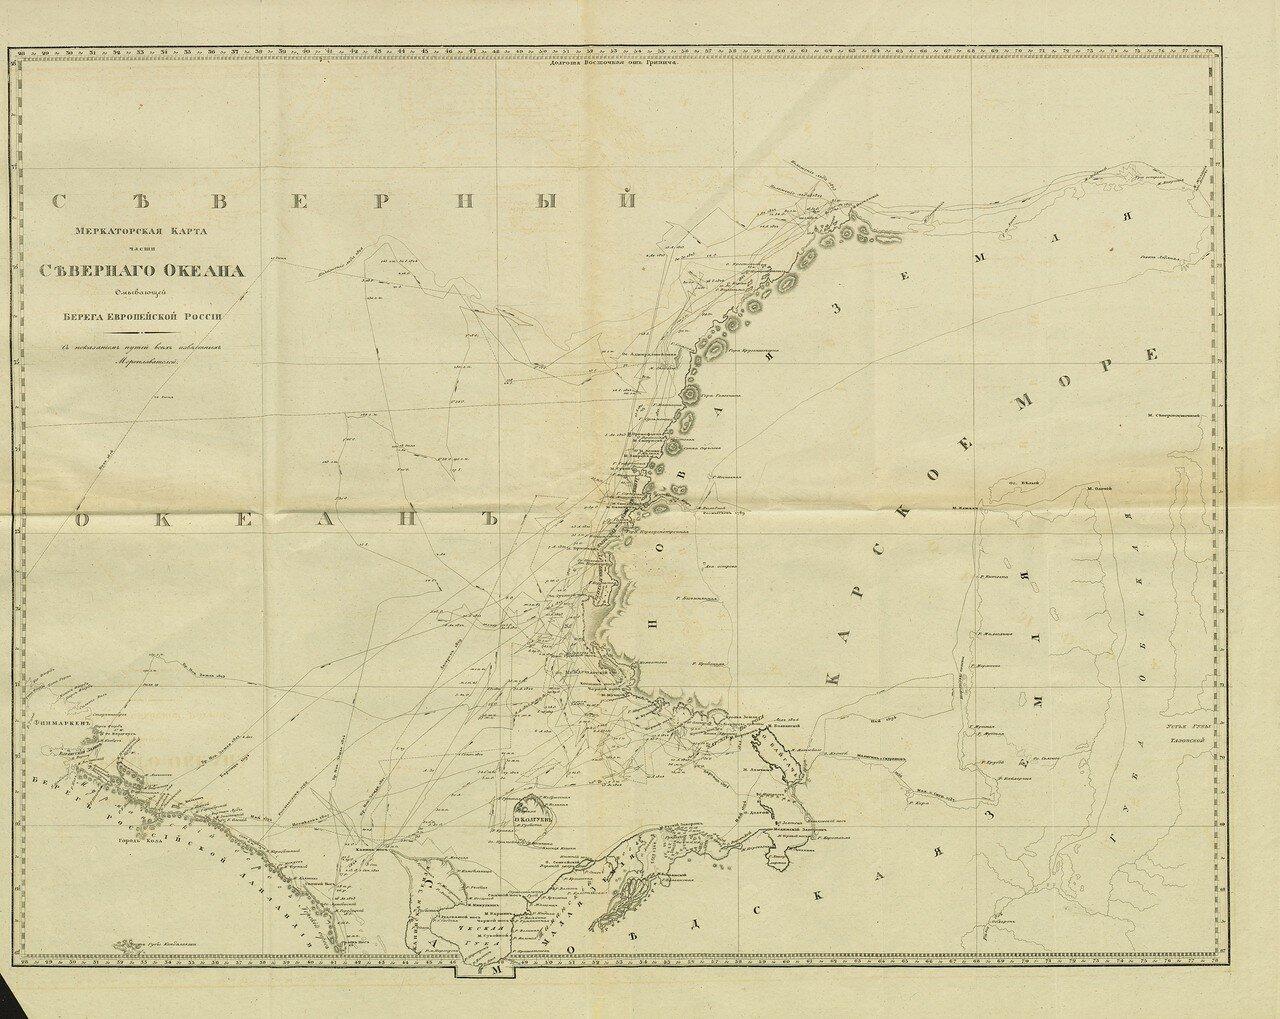 Меркаторская карта части Северного океана